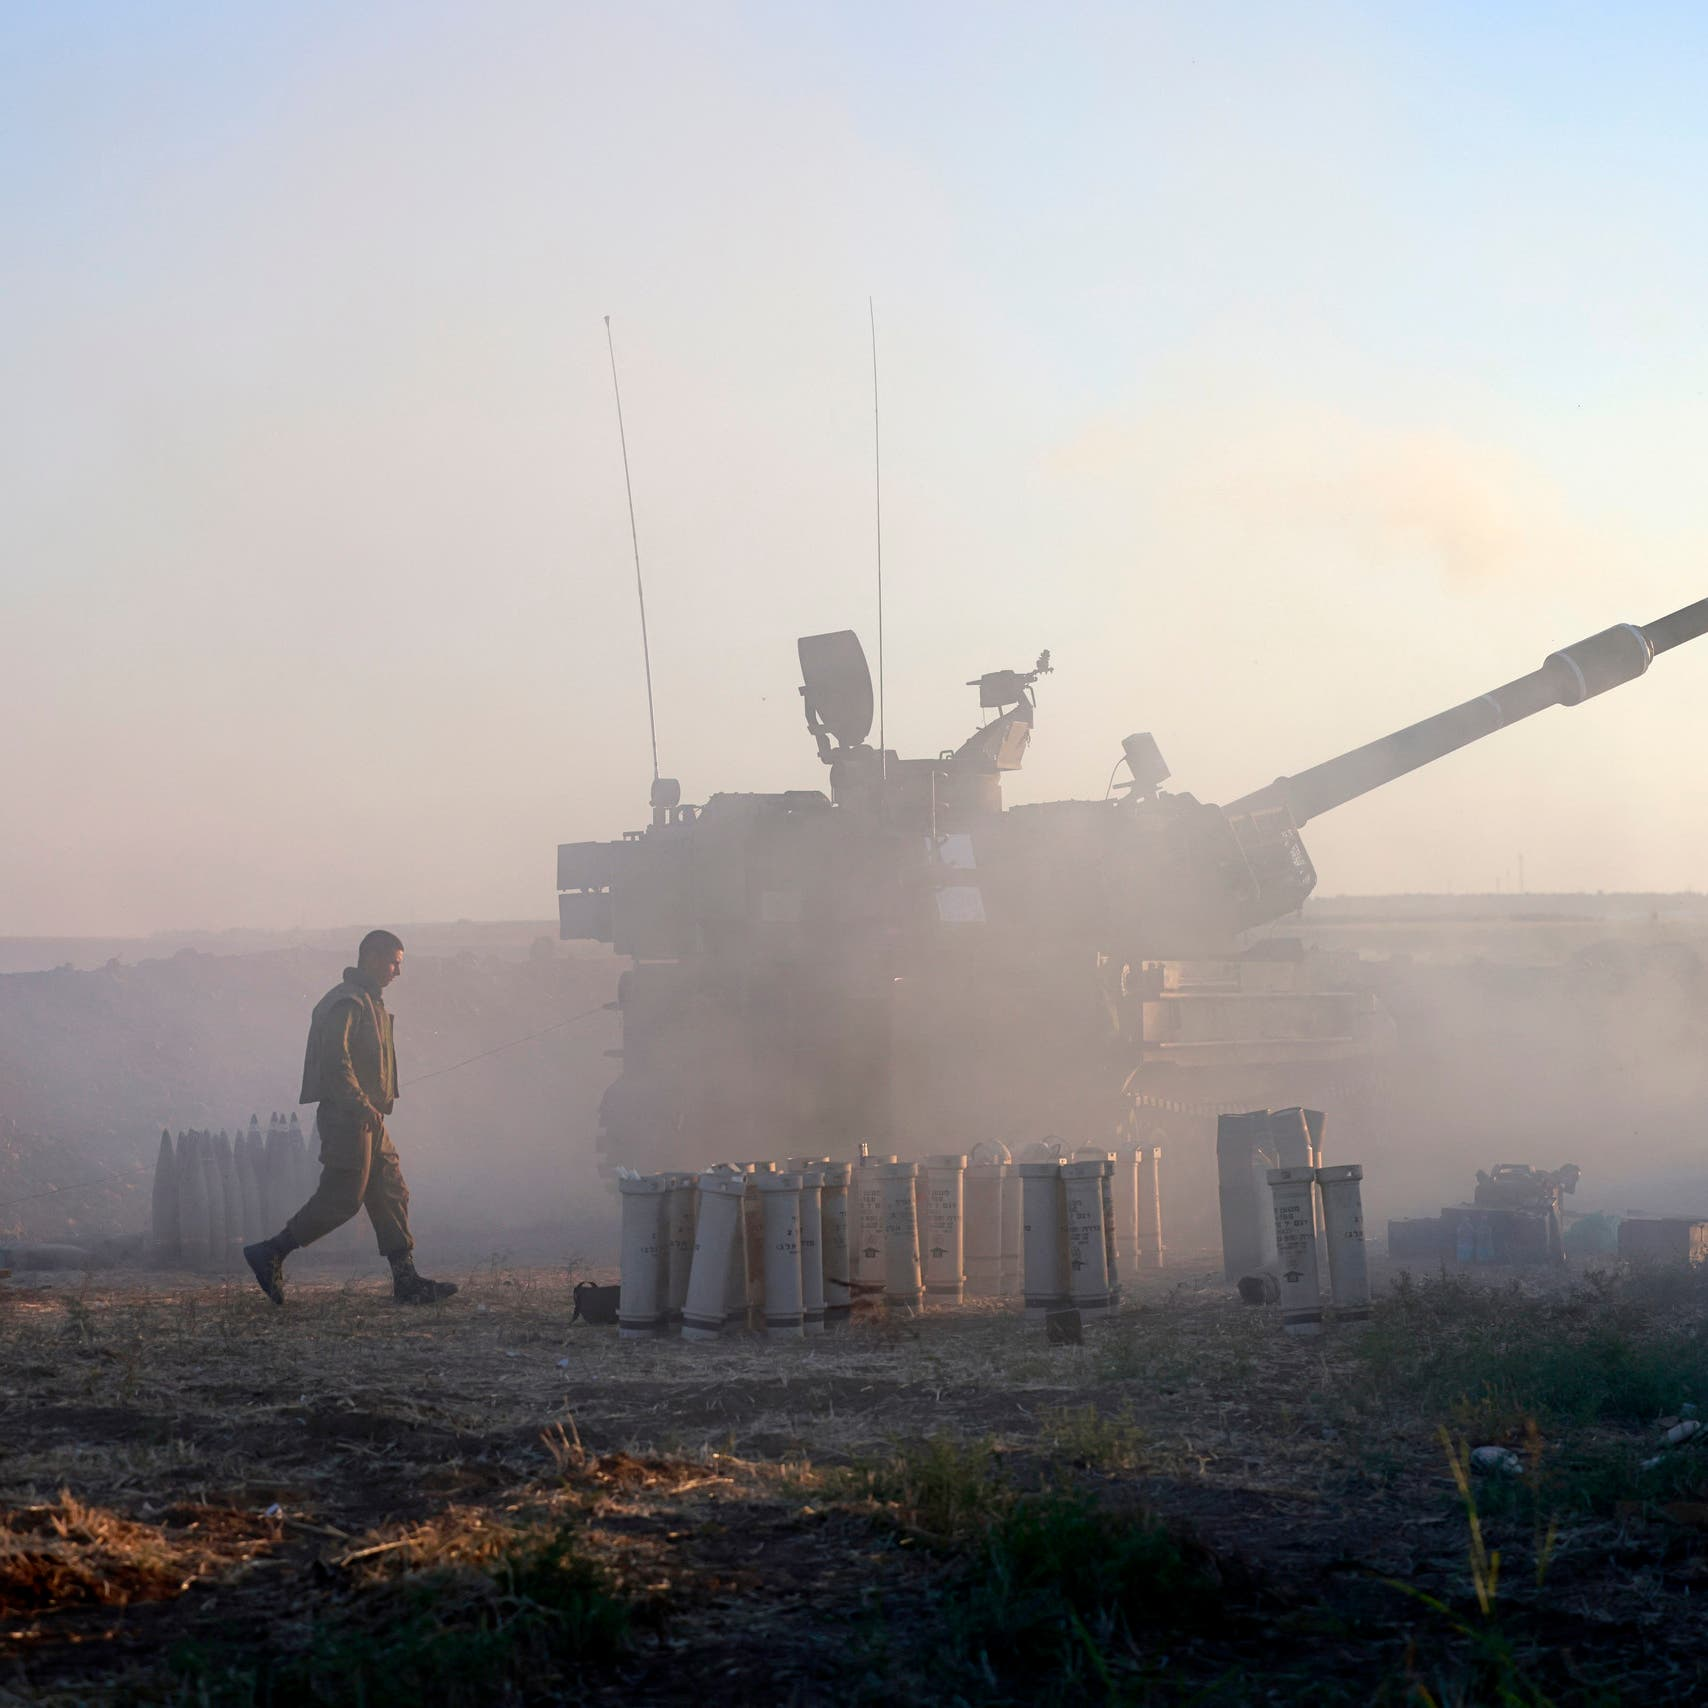 روسيا لإسرائيل: نرفض أي خطوات تهدد حياة المدنيين في غزة